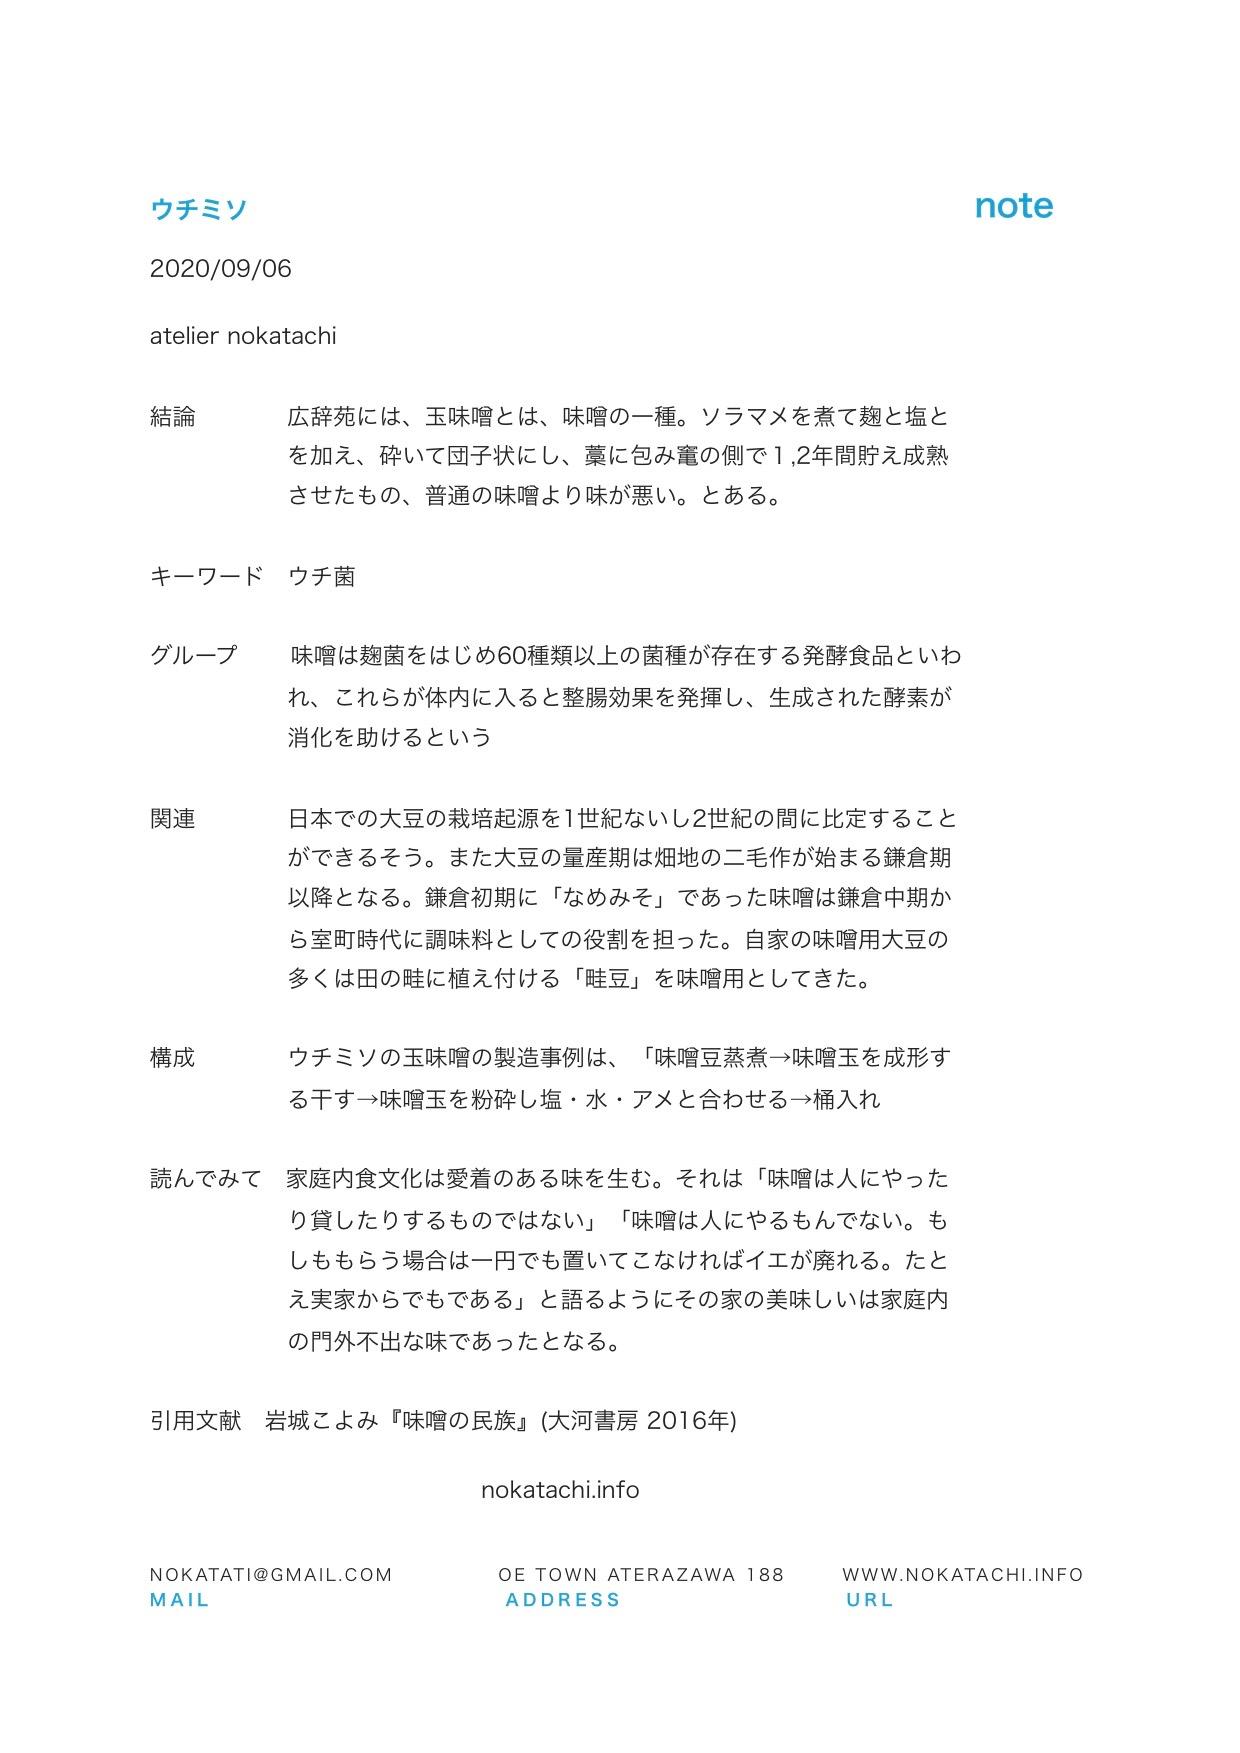 【レポート】ウチミソ